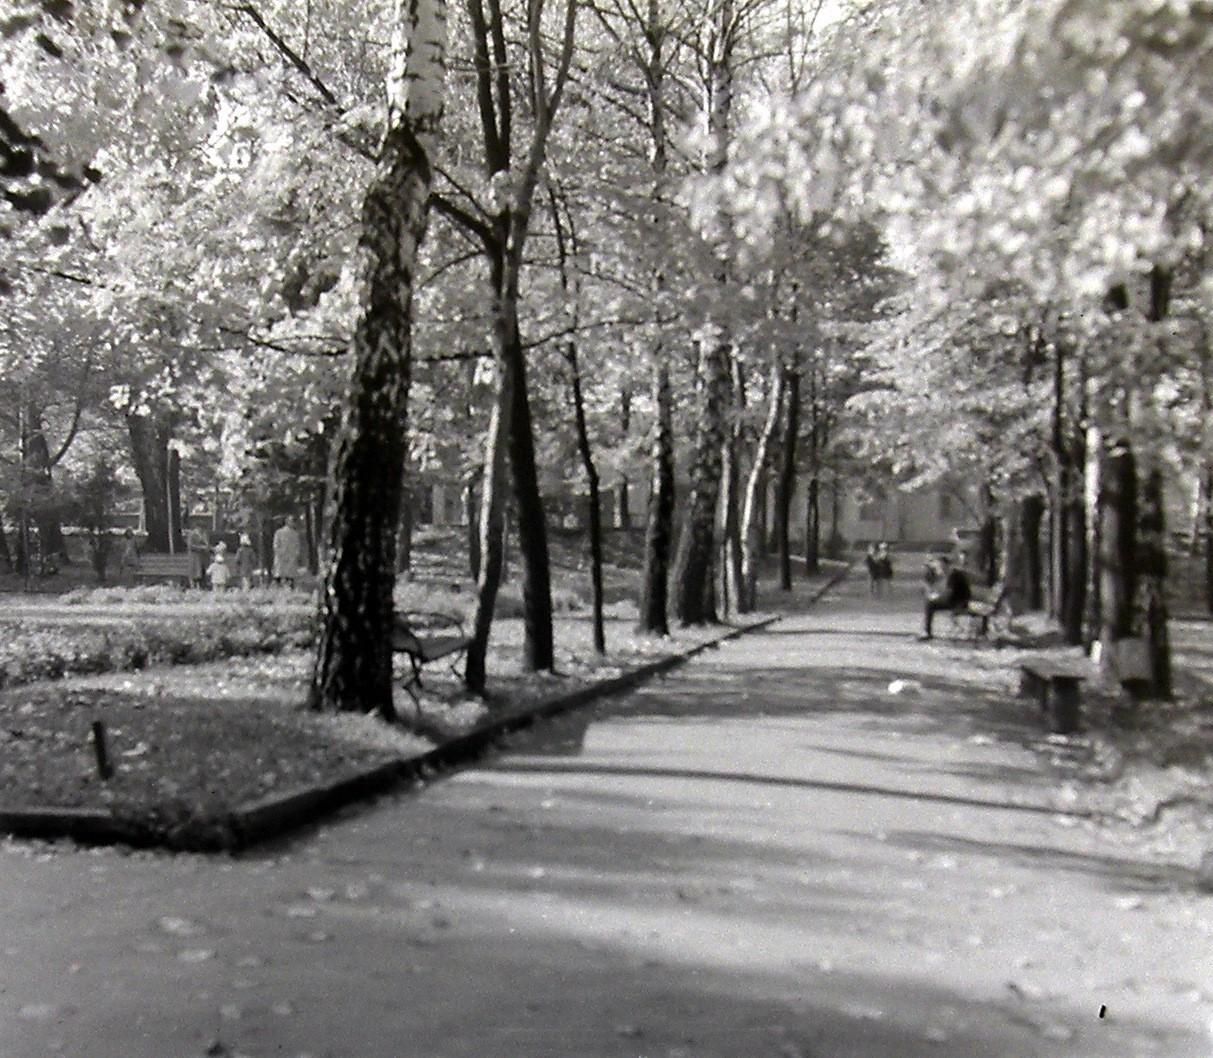 Alejka w parku miejskim.Zdjęcie autorstwa Jana Nosowicza wykonane w latach 60-tych XX wieku.